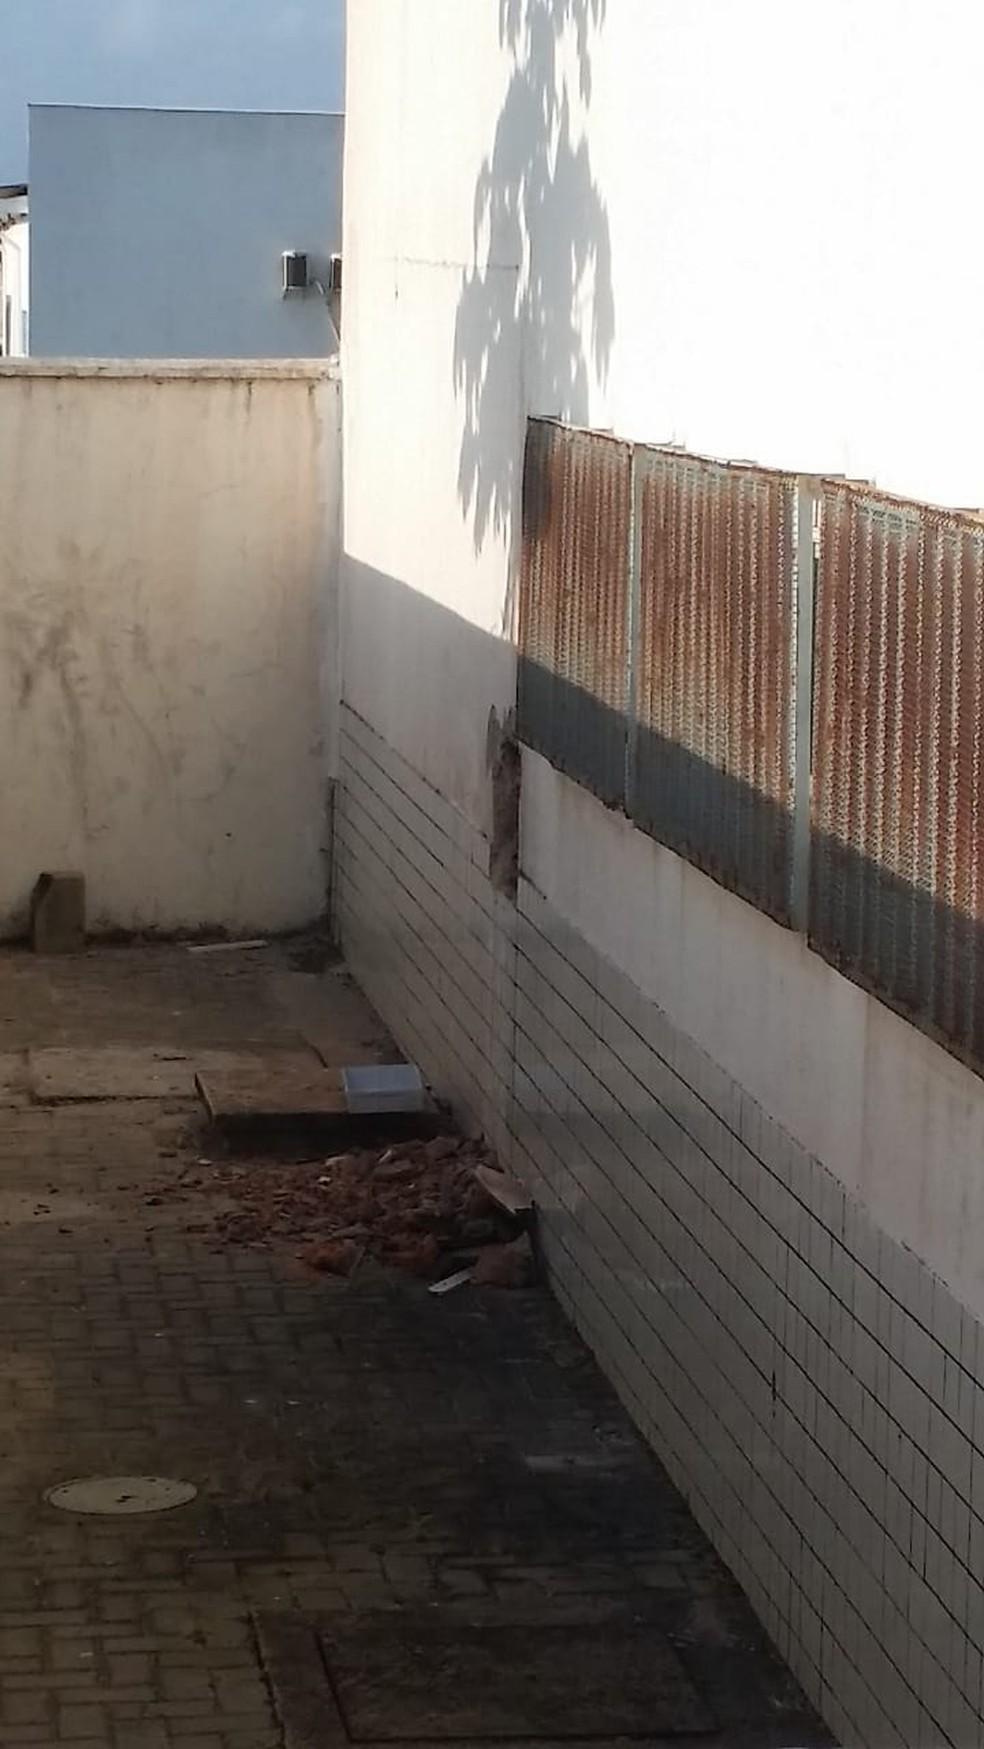 Bandidos abriram um buraco no fundo do banco utilizando maçarico, picareta e martelo com o intuito de ter acesso ao cofre — Foto: Douglas Pinto/TV Mirante